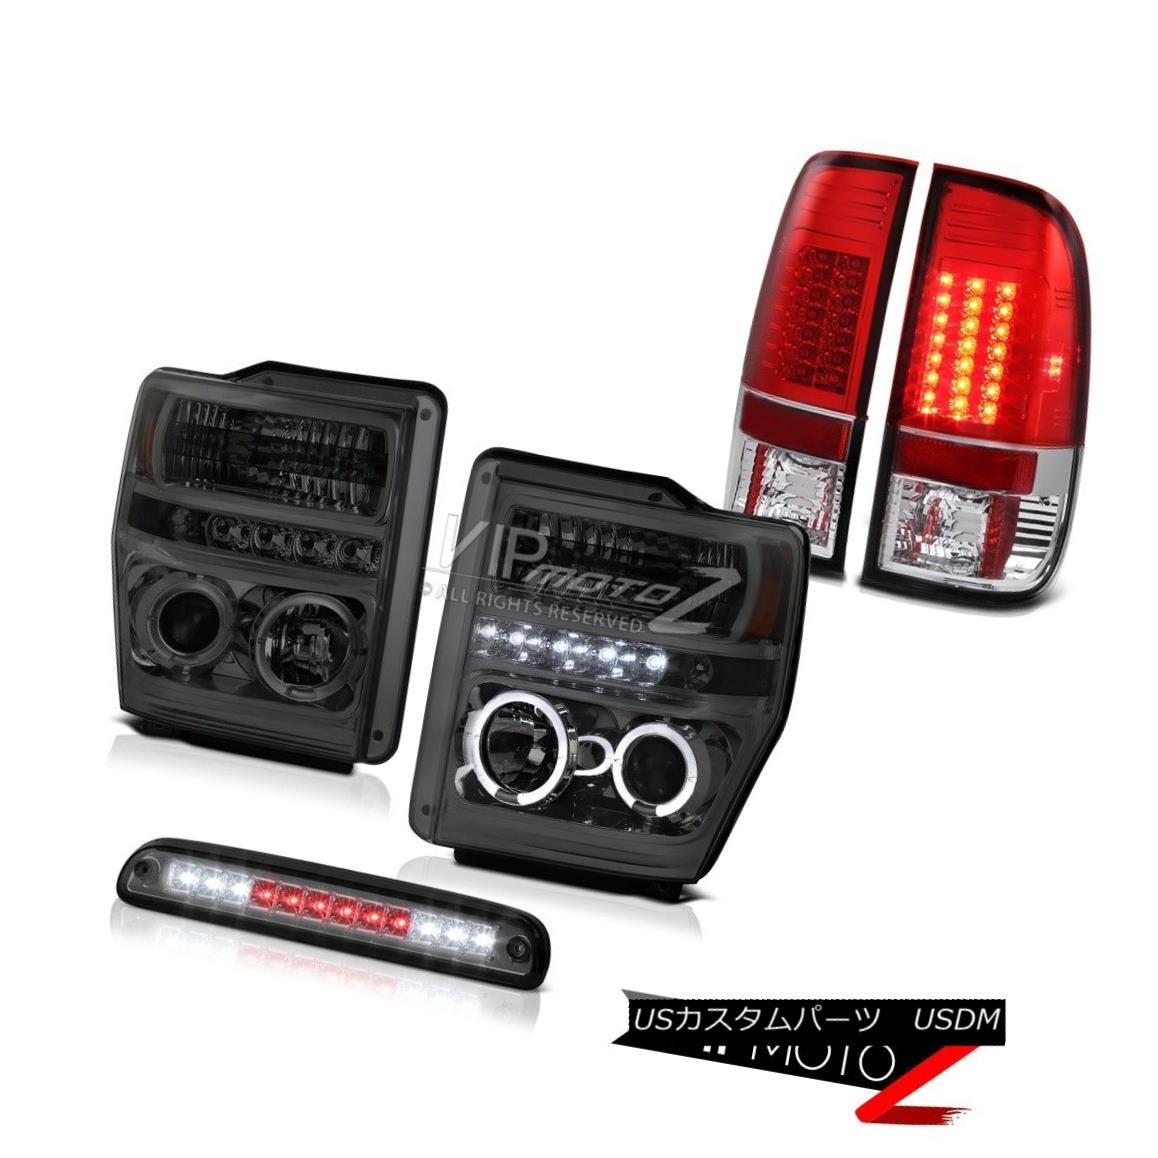 ヘッドライト Headlamps Angel Eye Roof Brake Cargo LED Tail Lights 2008 2009 2010 F350 XLT ヘッドランプエンジェルアイルーフブレーキカーゴLEDテールライト2008 2009 2010 F350 XLT